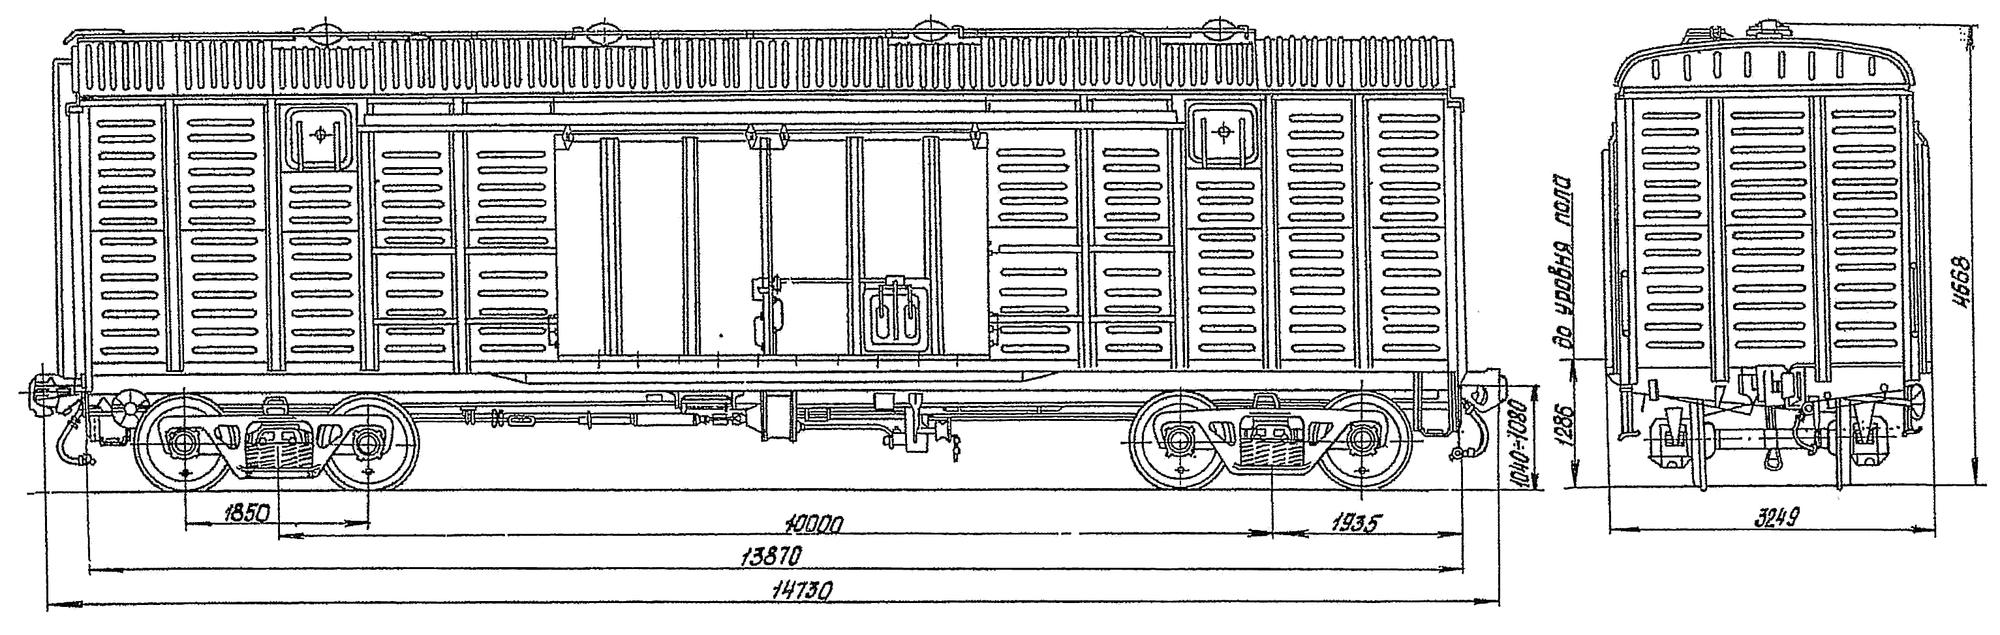 4-осный крытый цельнометаллический вагон с уширенными дверными проемами